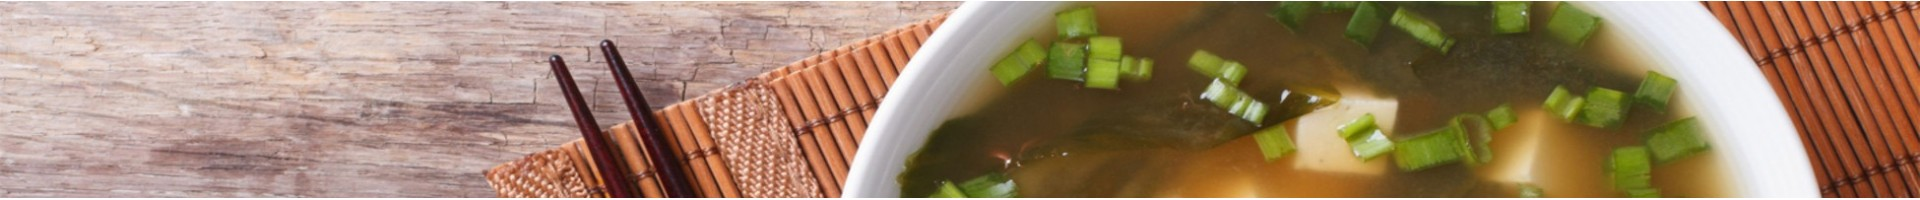 Miso: Sopa de Miso - Comprar Sopa de Miso| La Finestra